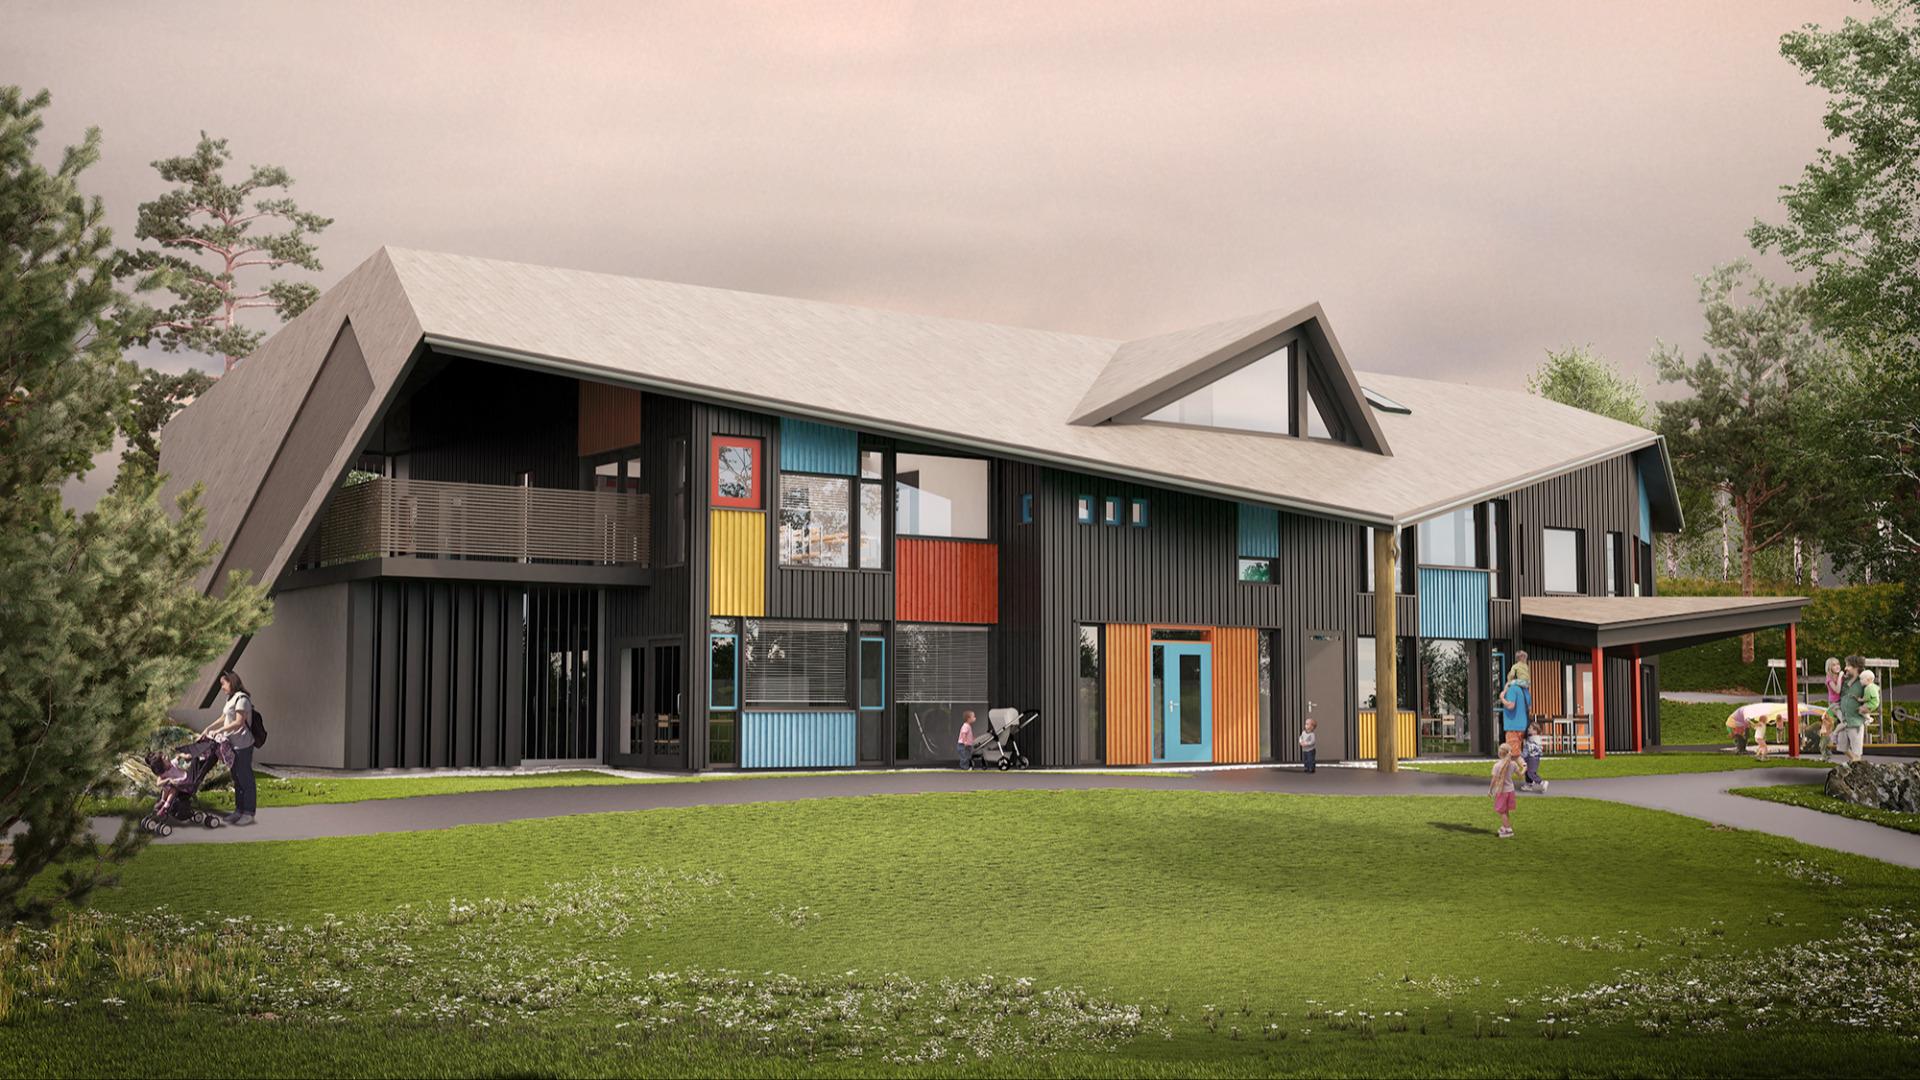 Bruhagen barnehage på Averøy. Illustrasjon: Norgeshus